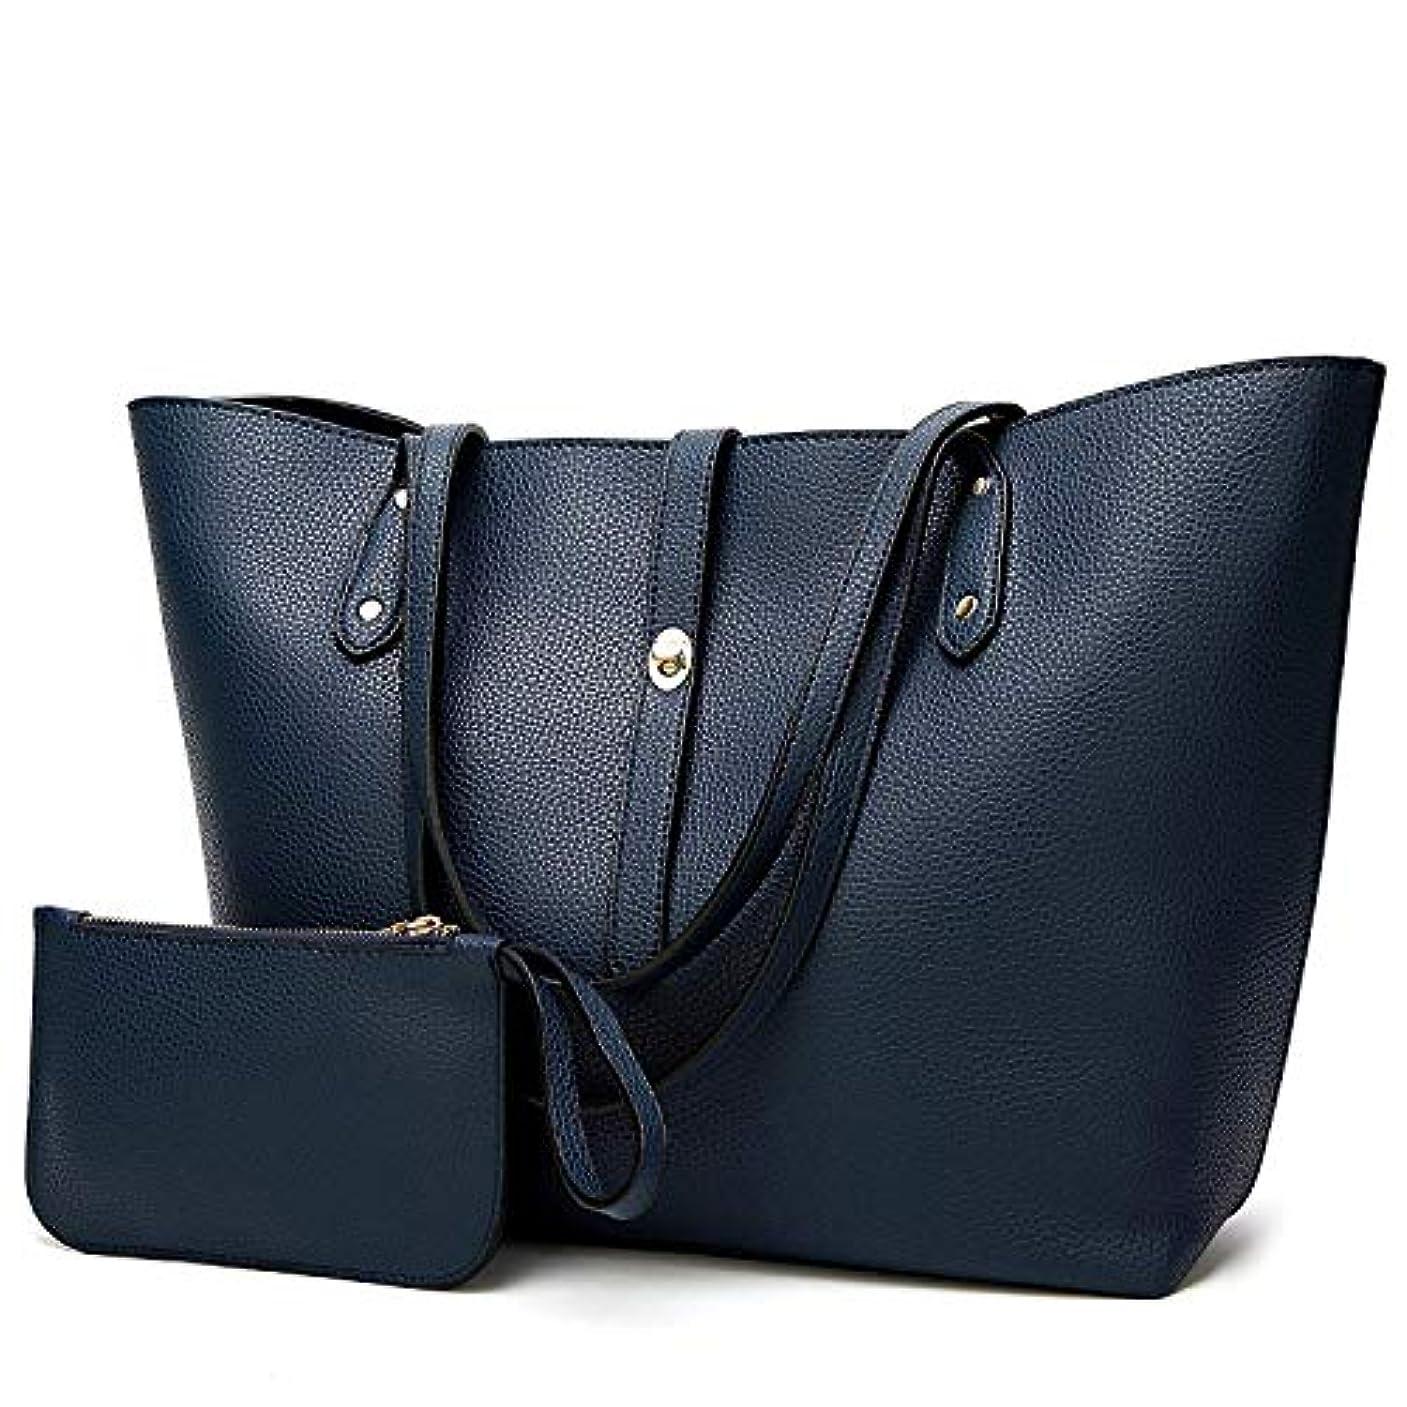 マージン記録荒涼とした[TcIFE] ハンドバッグ レディース トートバッグ 大容量 無地 ショルダーバッグ 2way 財布とハンドバッグ